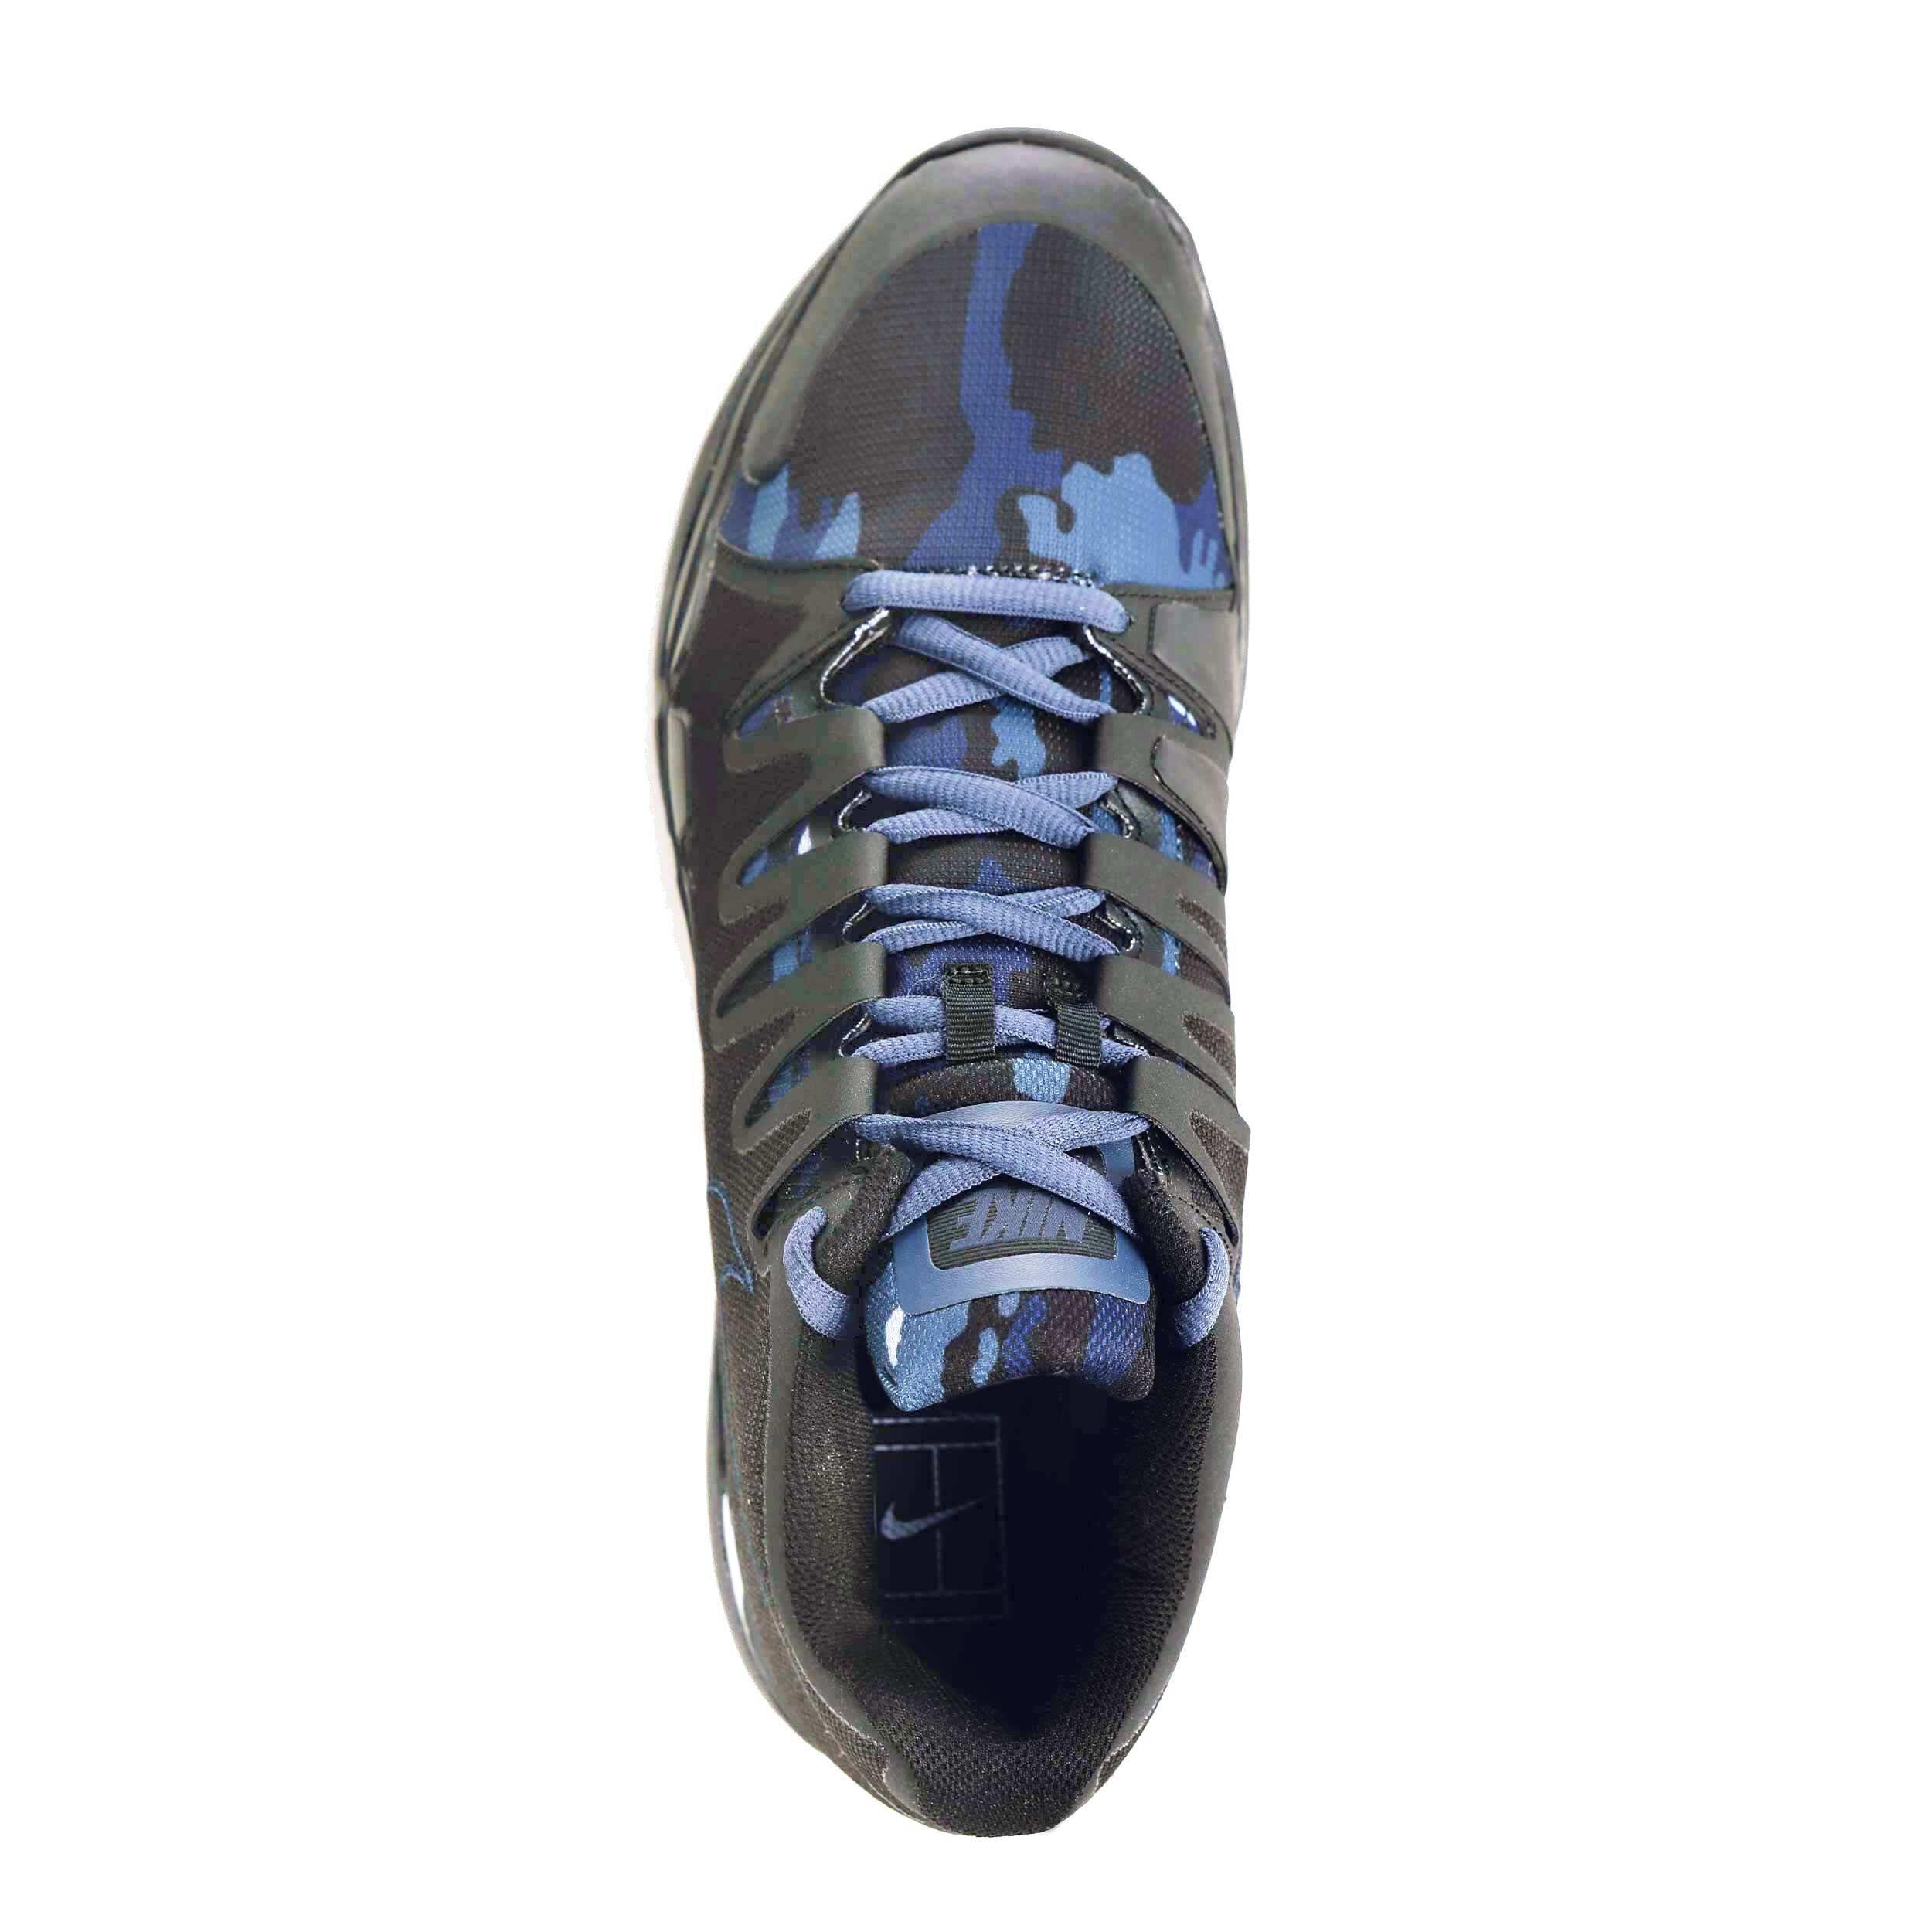 Nike Zoom Vapor 9.5 Tour Quickstrike Exclusive Allcourt